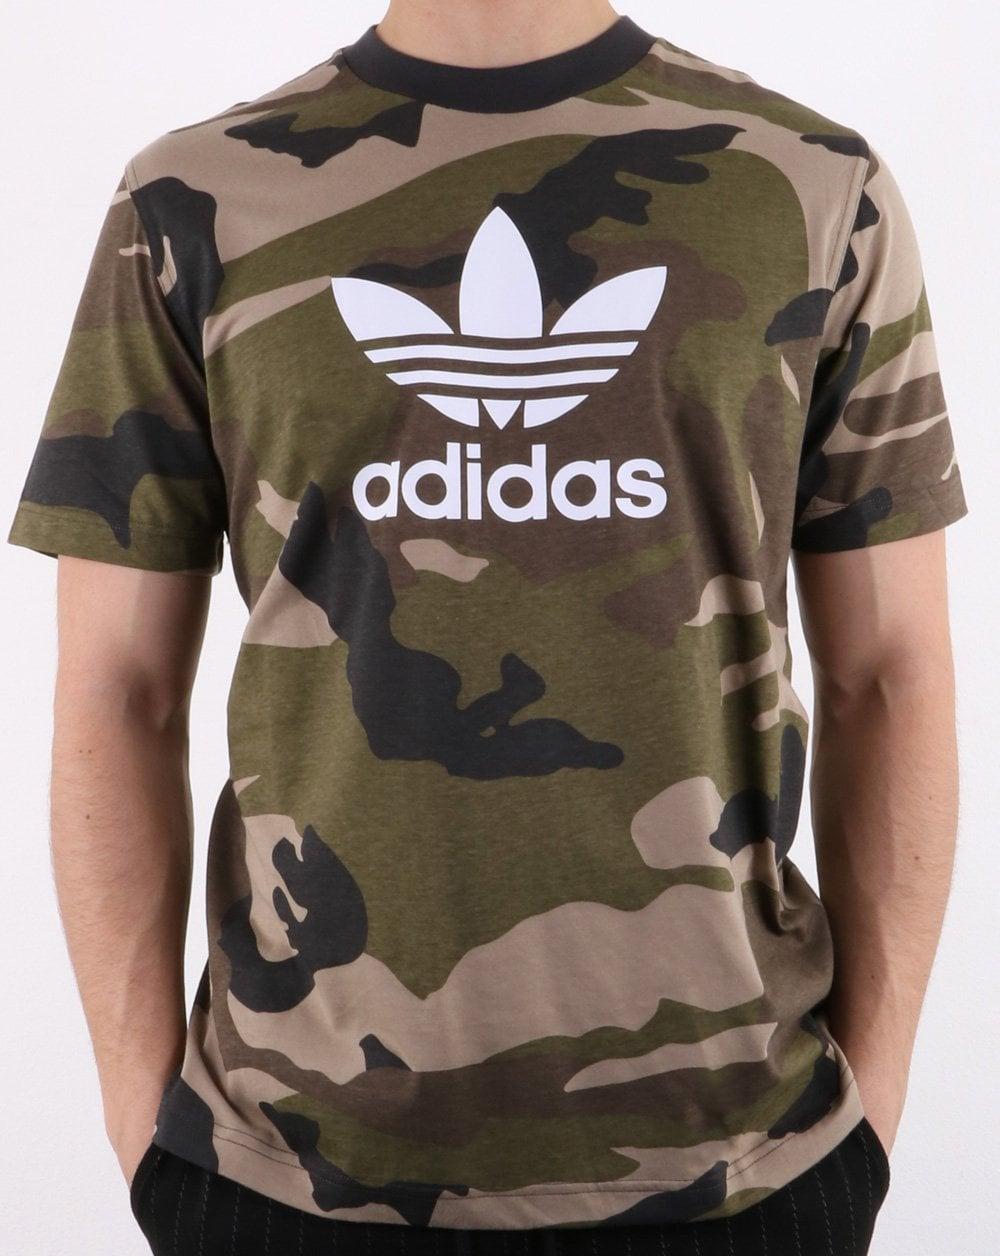 ec23949513b6f7 adidas Originals Adidas Originals Trefoil T Shirt Camo